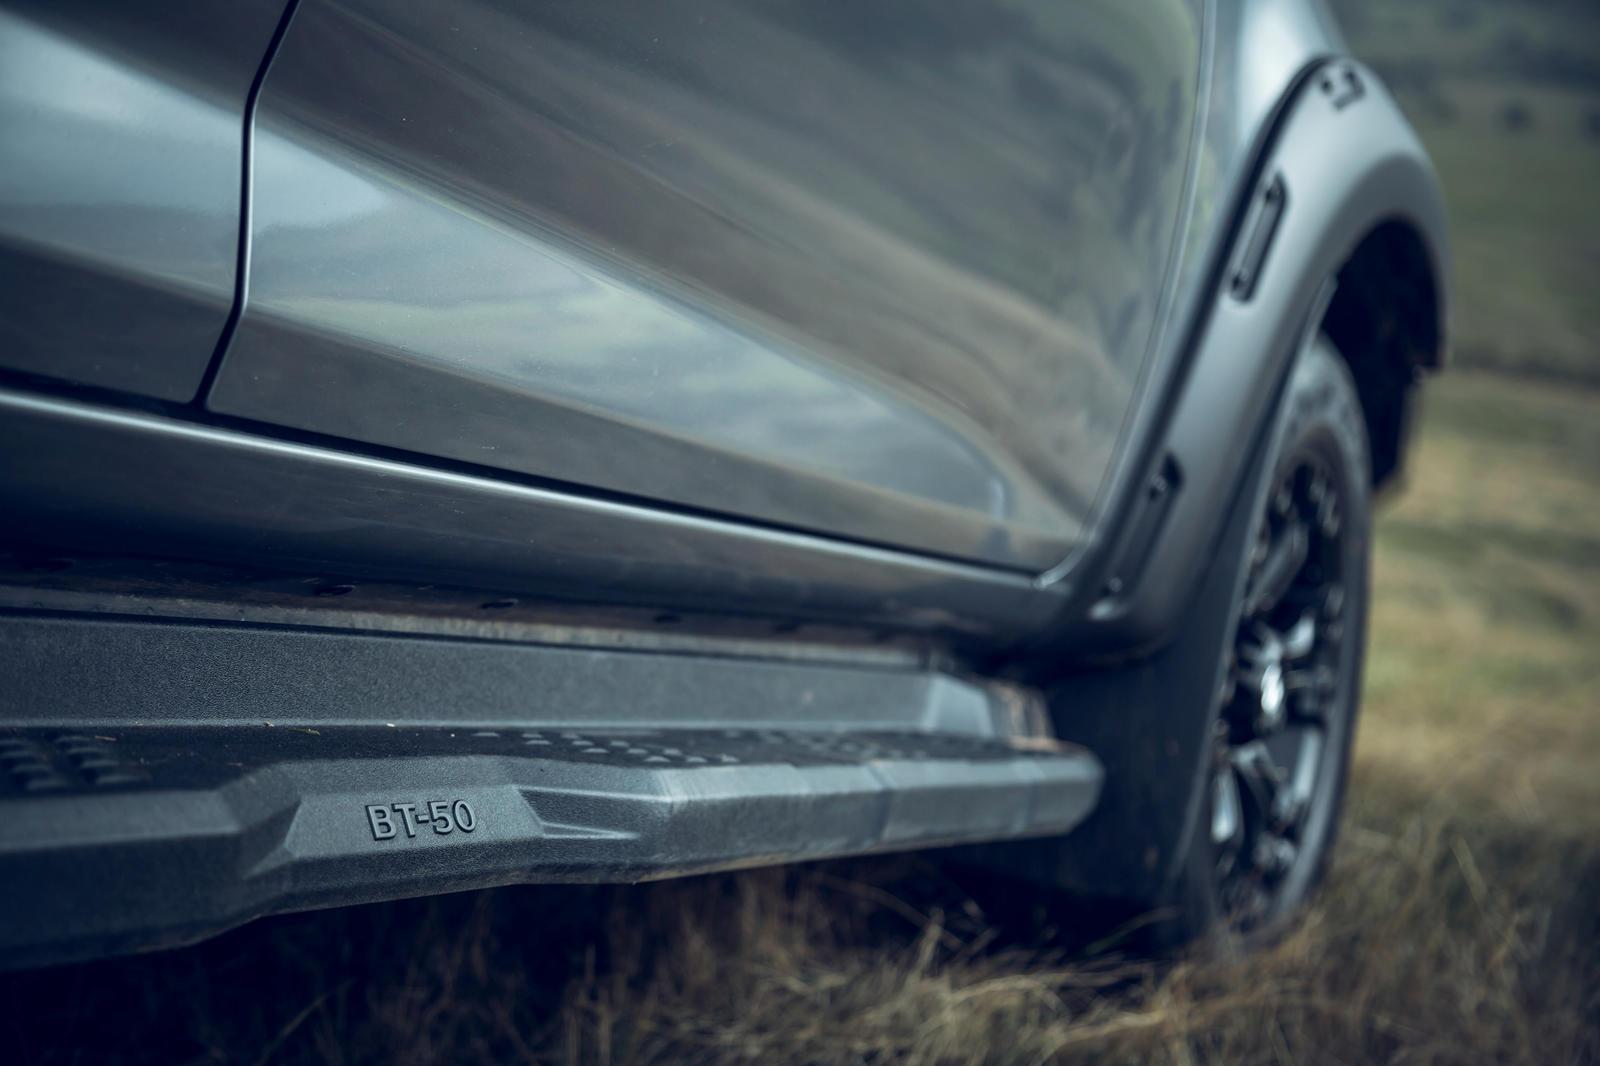 Под капотом 3,0-литровый четырехцилиндровый турбодизельный двигатель выдает 188 лошадиных сил и 450 Нм крутящего момента.